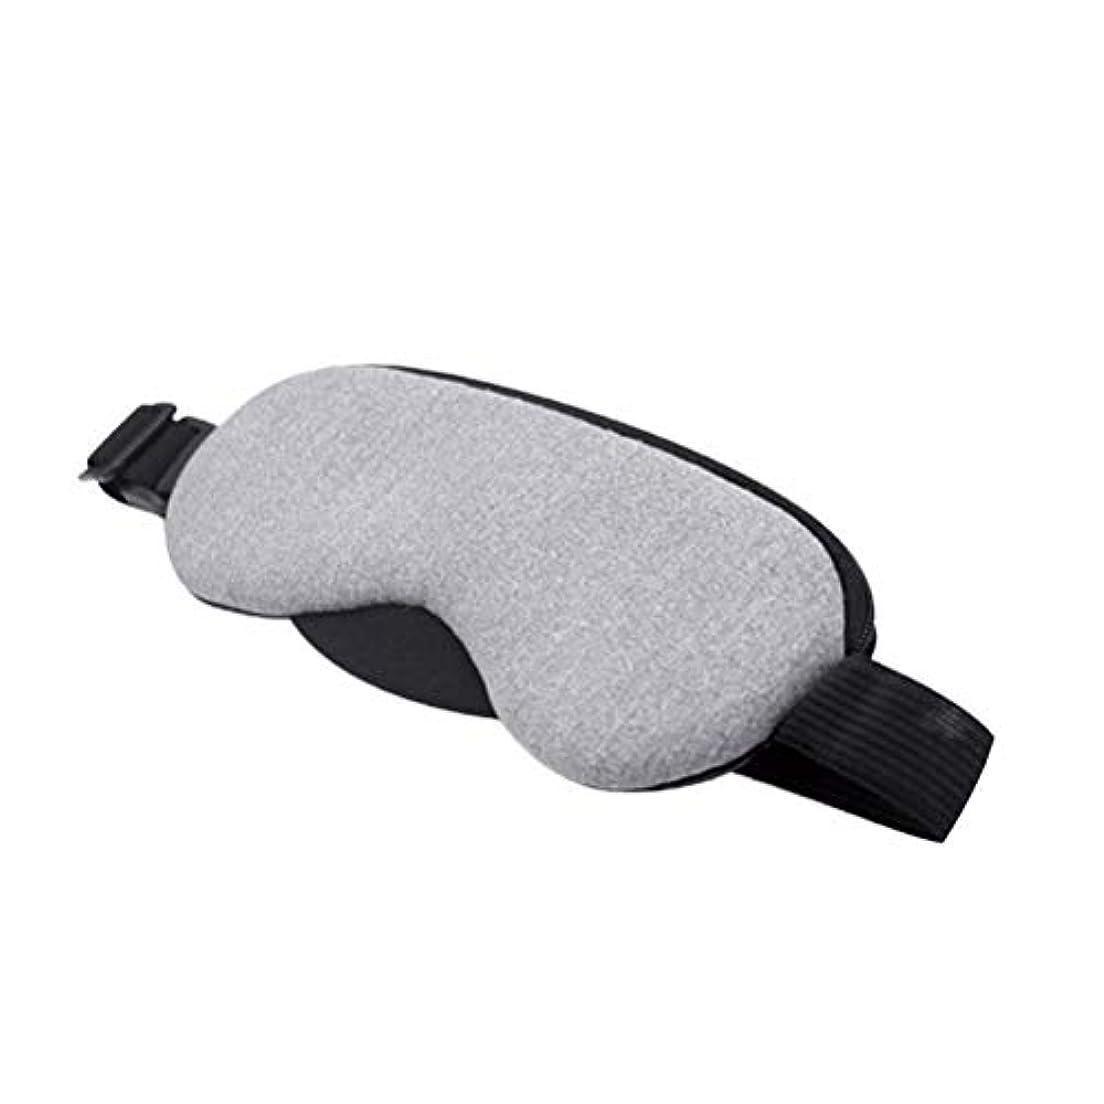 厚いバタフライ画家ROSENICE USBスチームアイマスク目隠しホットコンプレッションアイカバー(ドライアイを逃す)